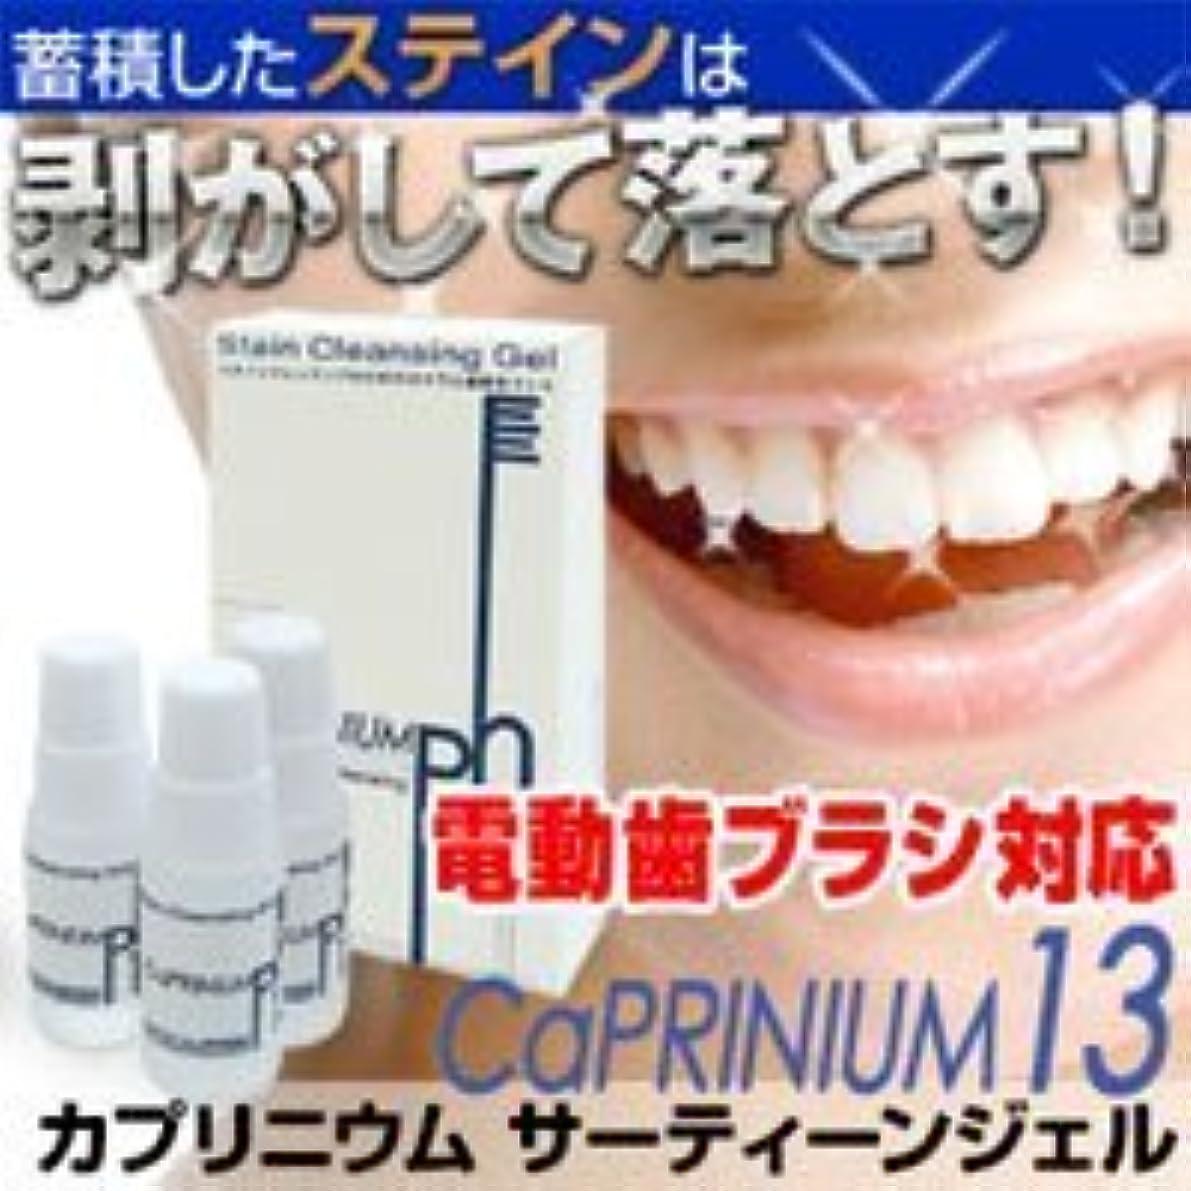 パズル根絶する発明カプリジェル(カプリニウムサーティーンジェル)10g×3個(1か月分) 電動歯ブラシ対応歯磨きジェル